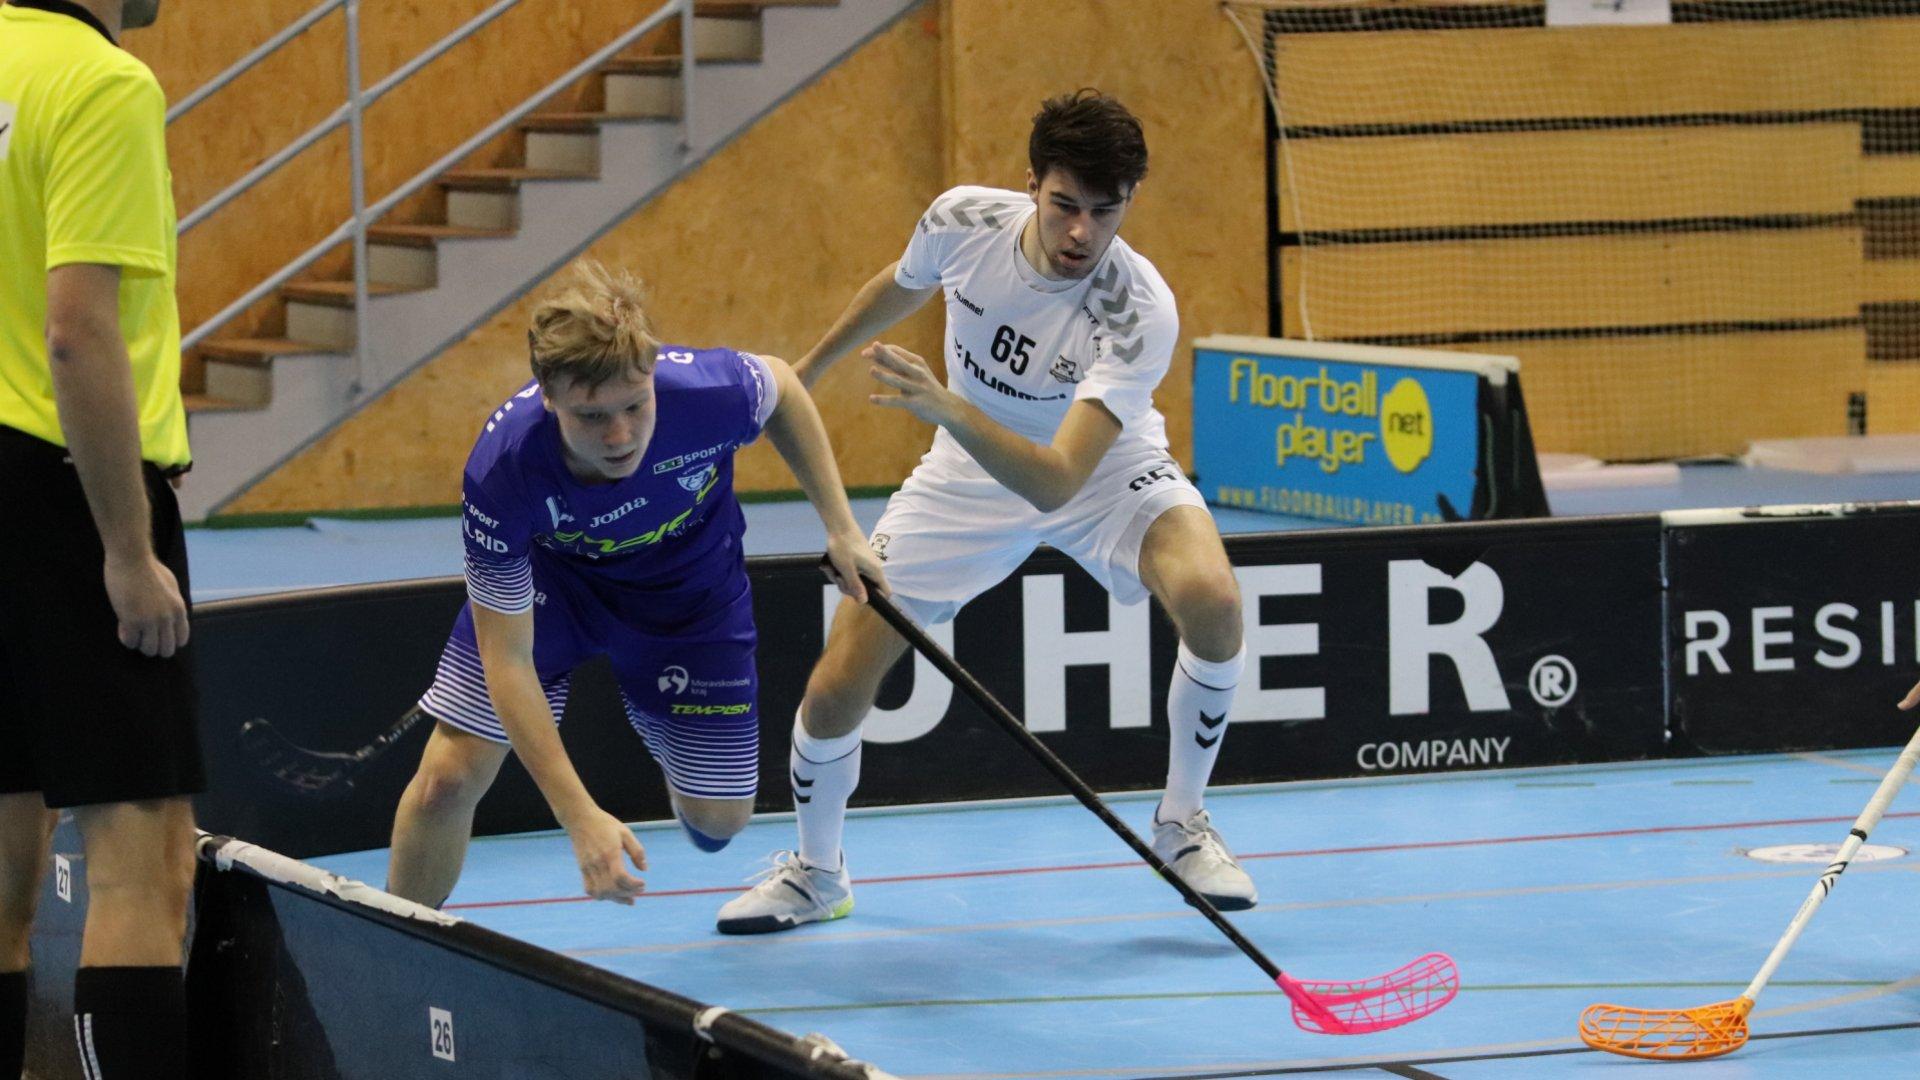 Hattrick před play-down potrápil šampióna, s Vítkovicemi hrál 1:4